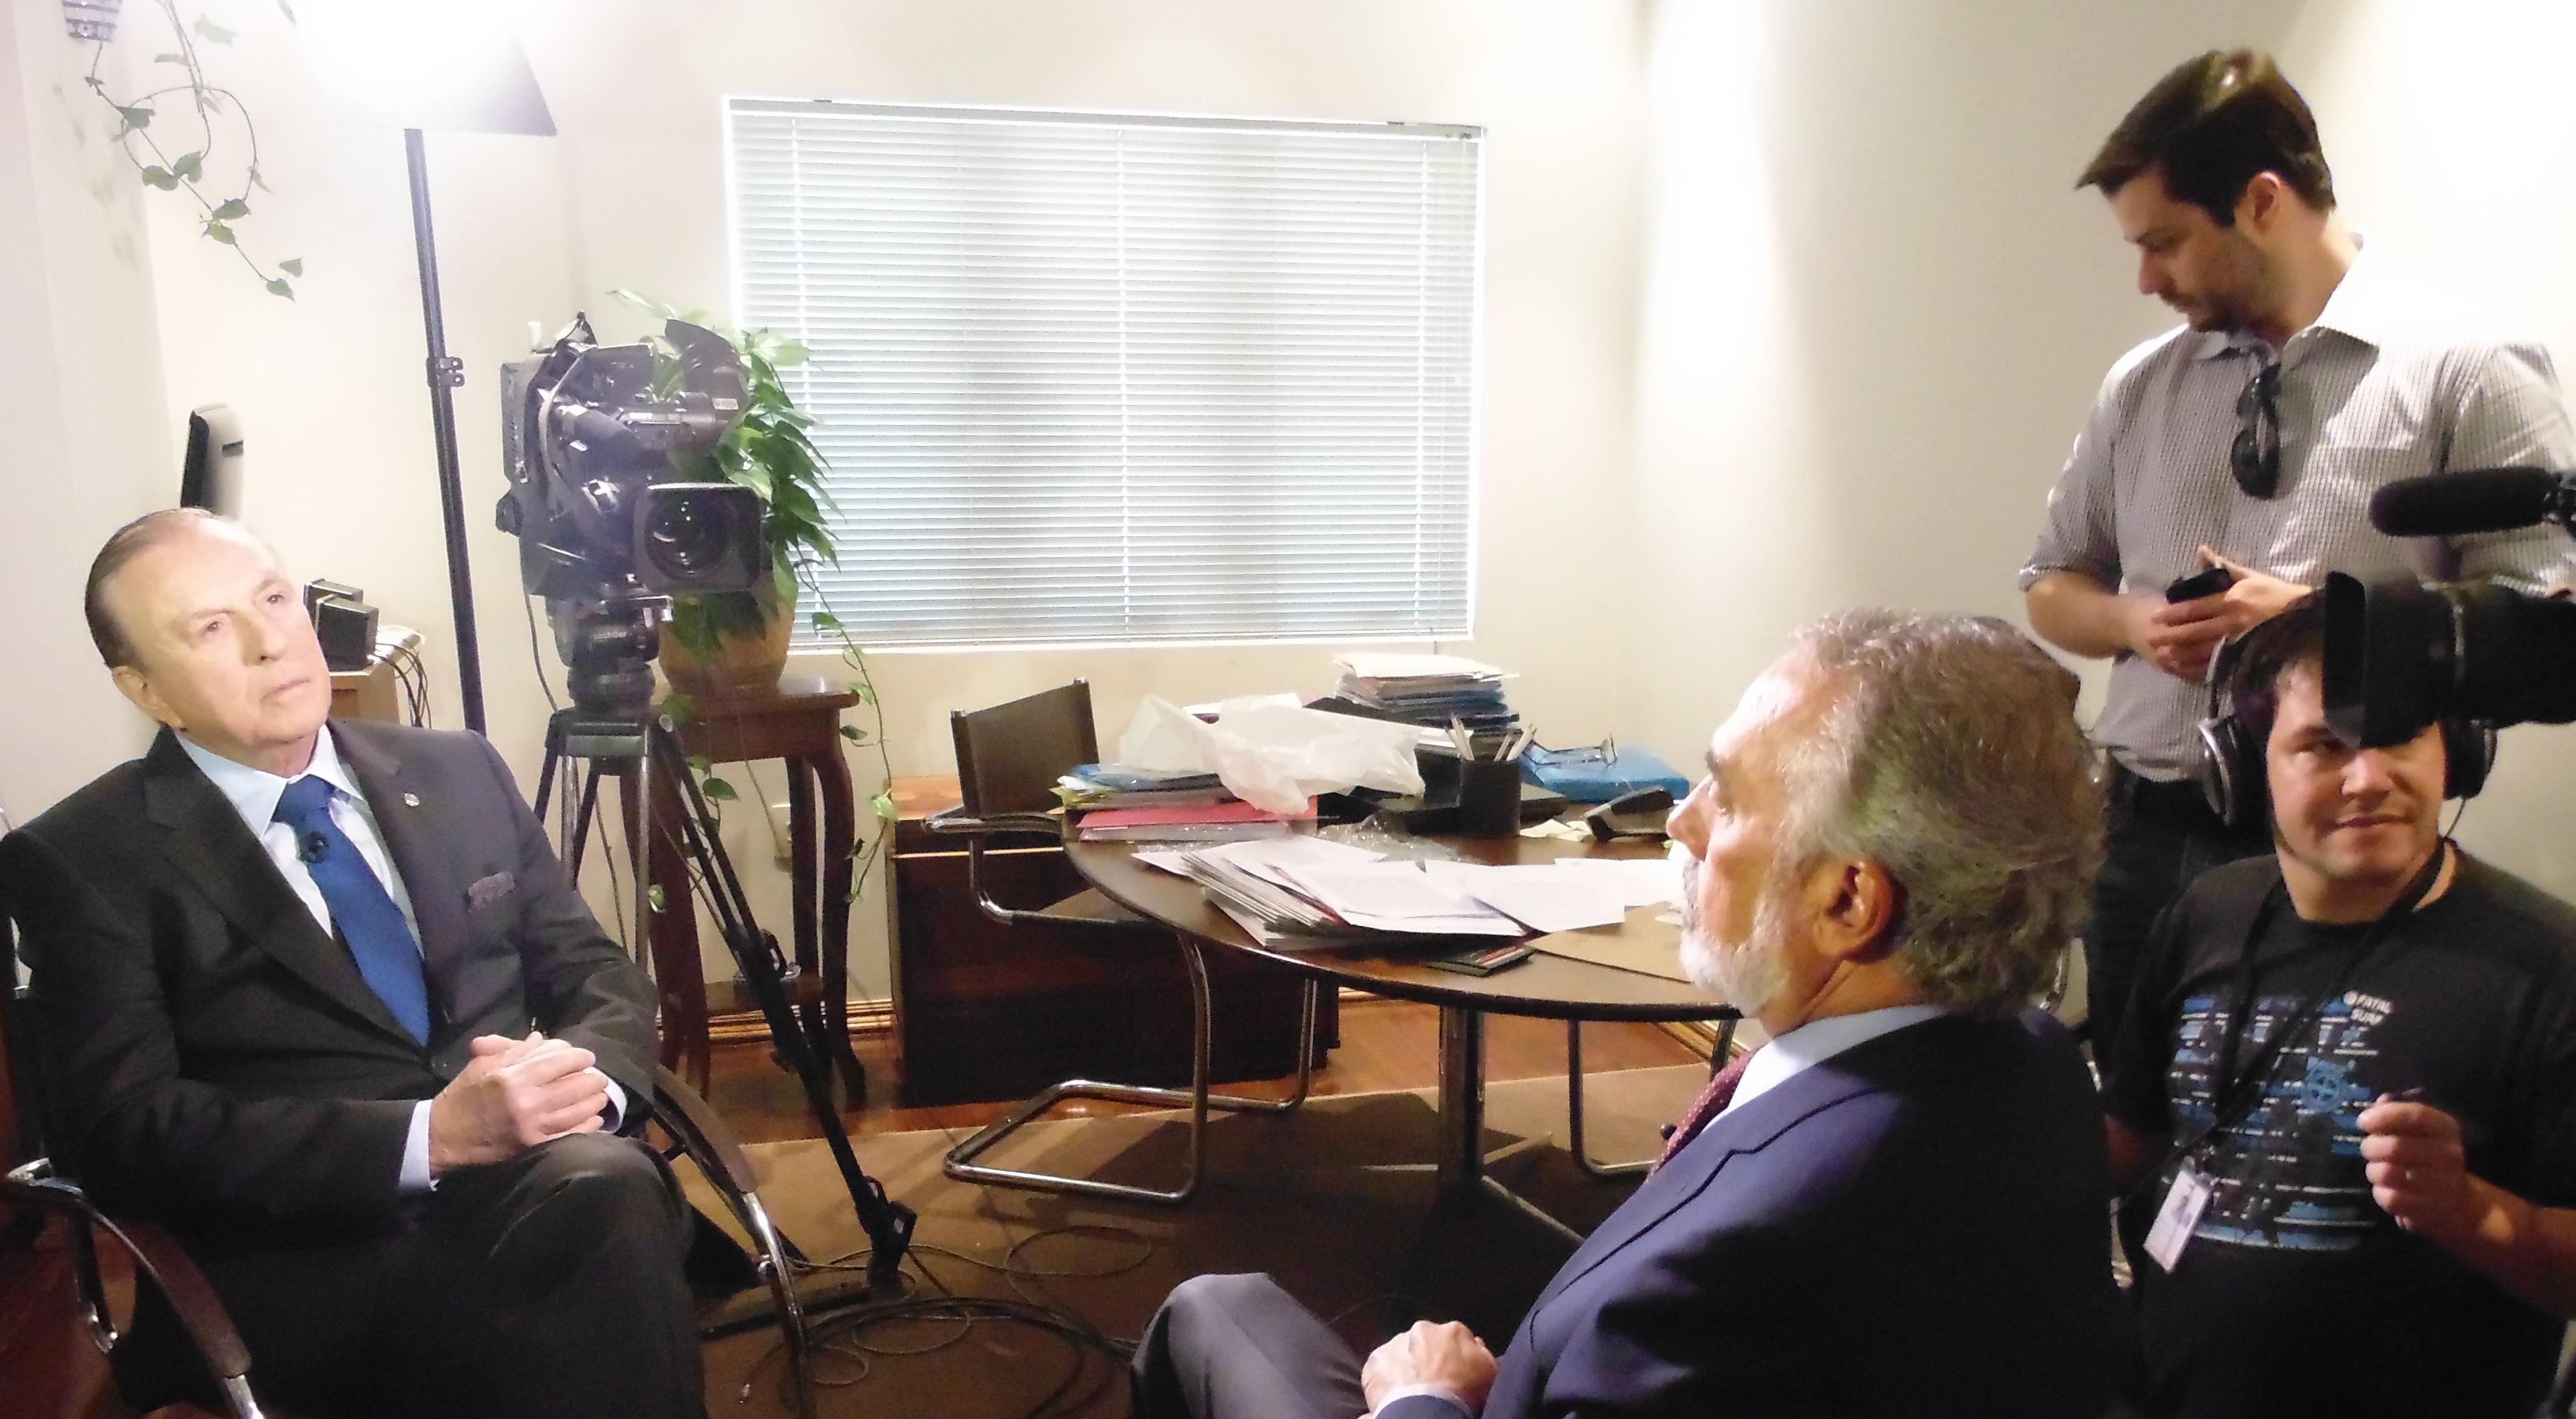 Concedendo entrevista ao Jornal nacional. (Foto: Comunicação PSDC)